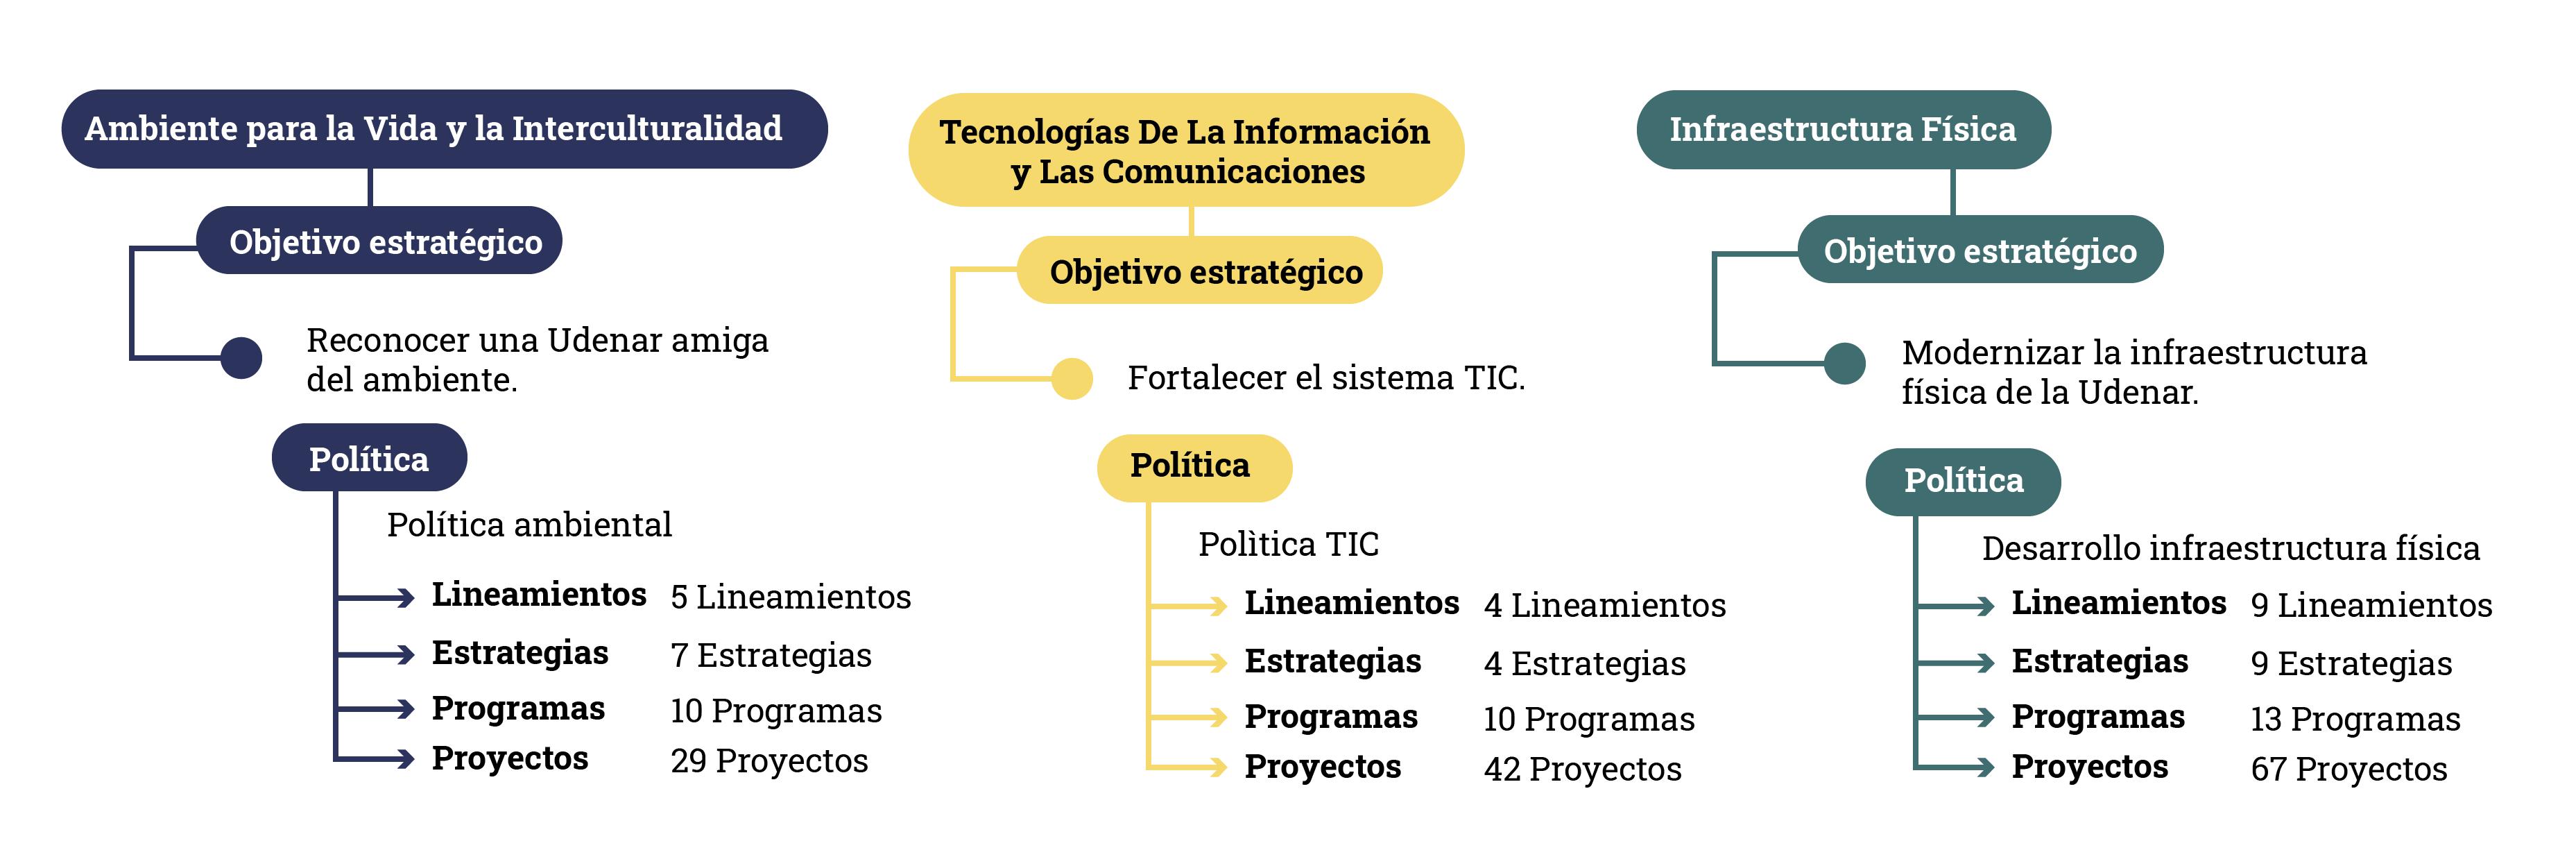 ejes-infraestructura-2x